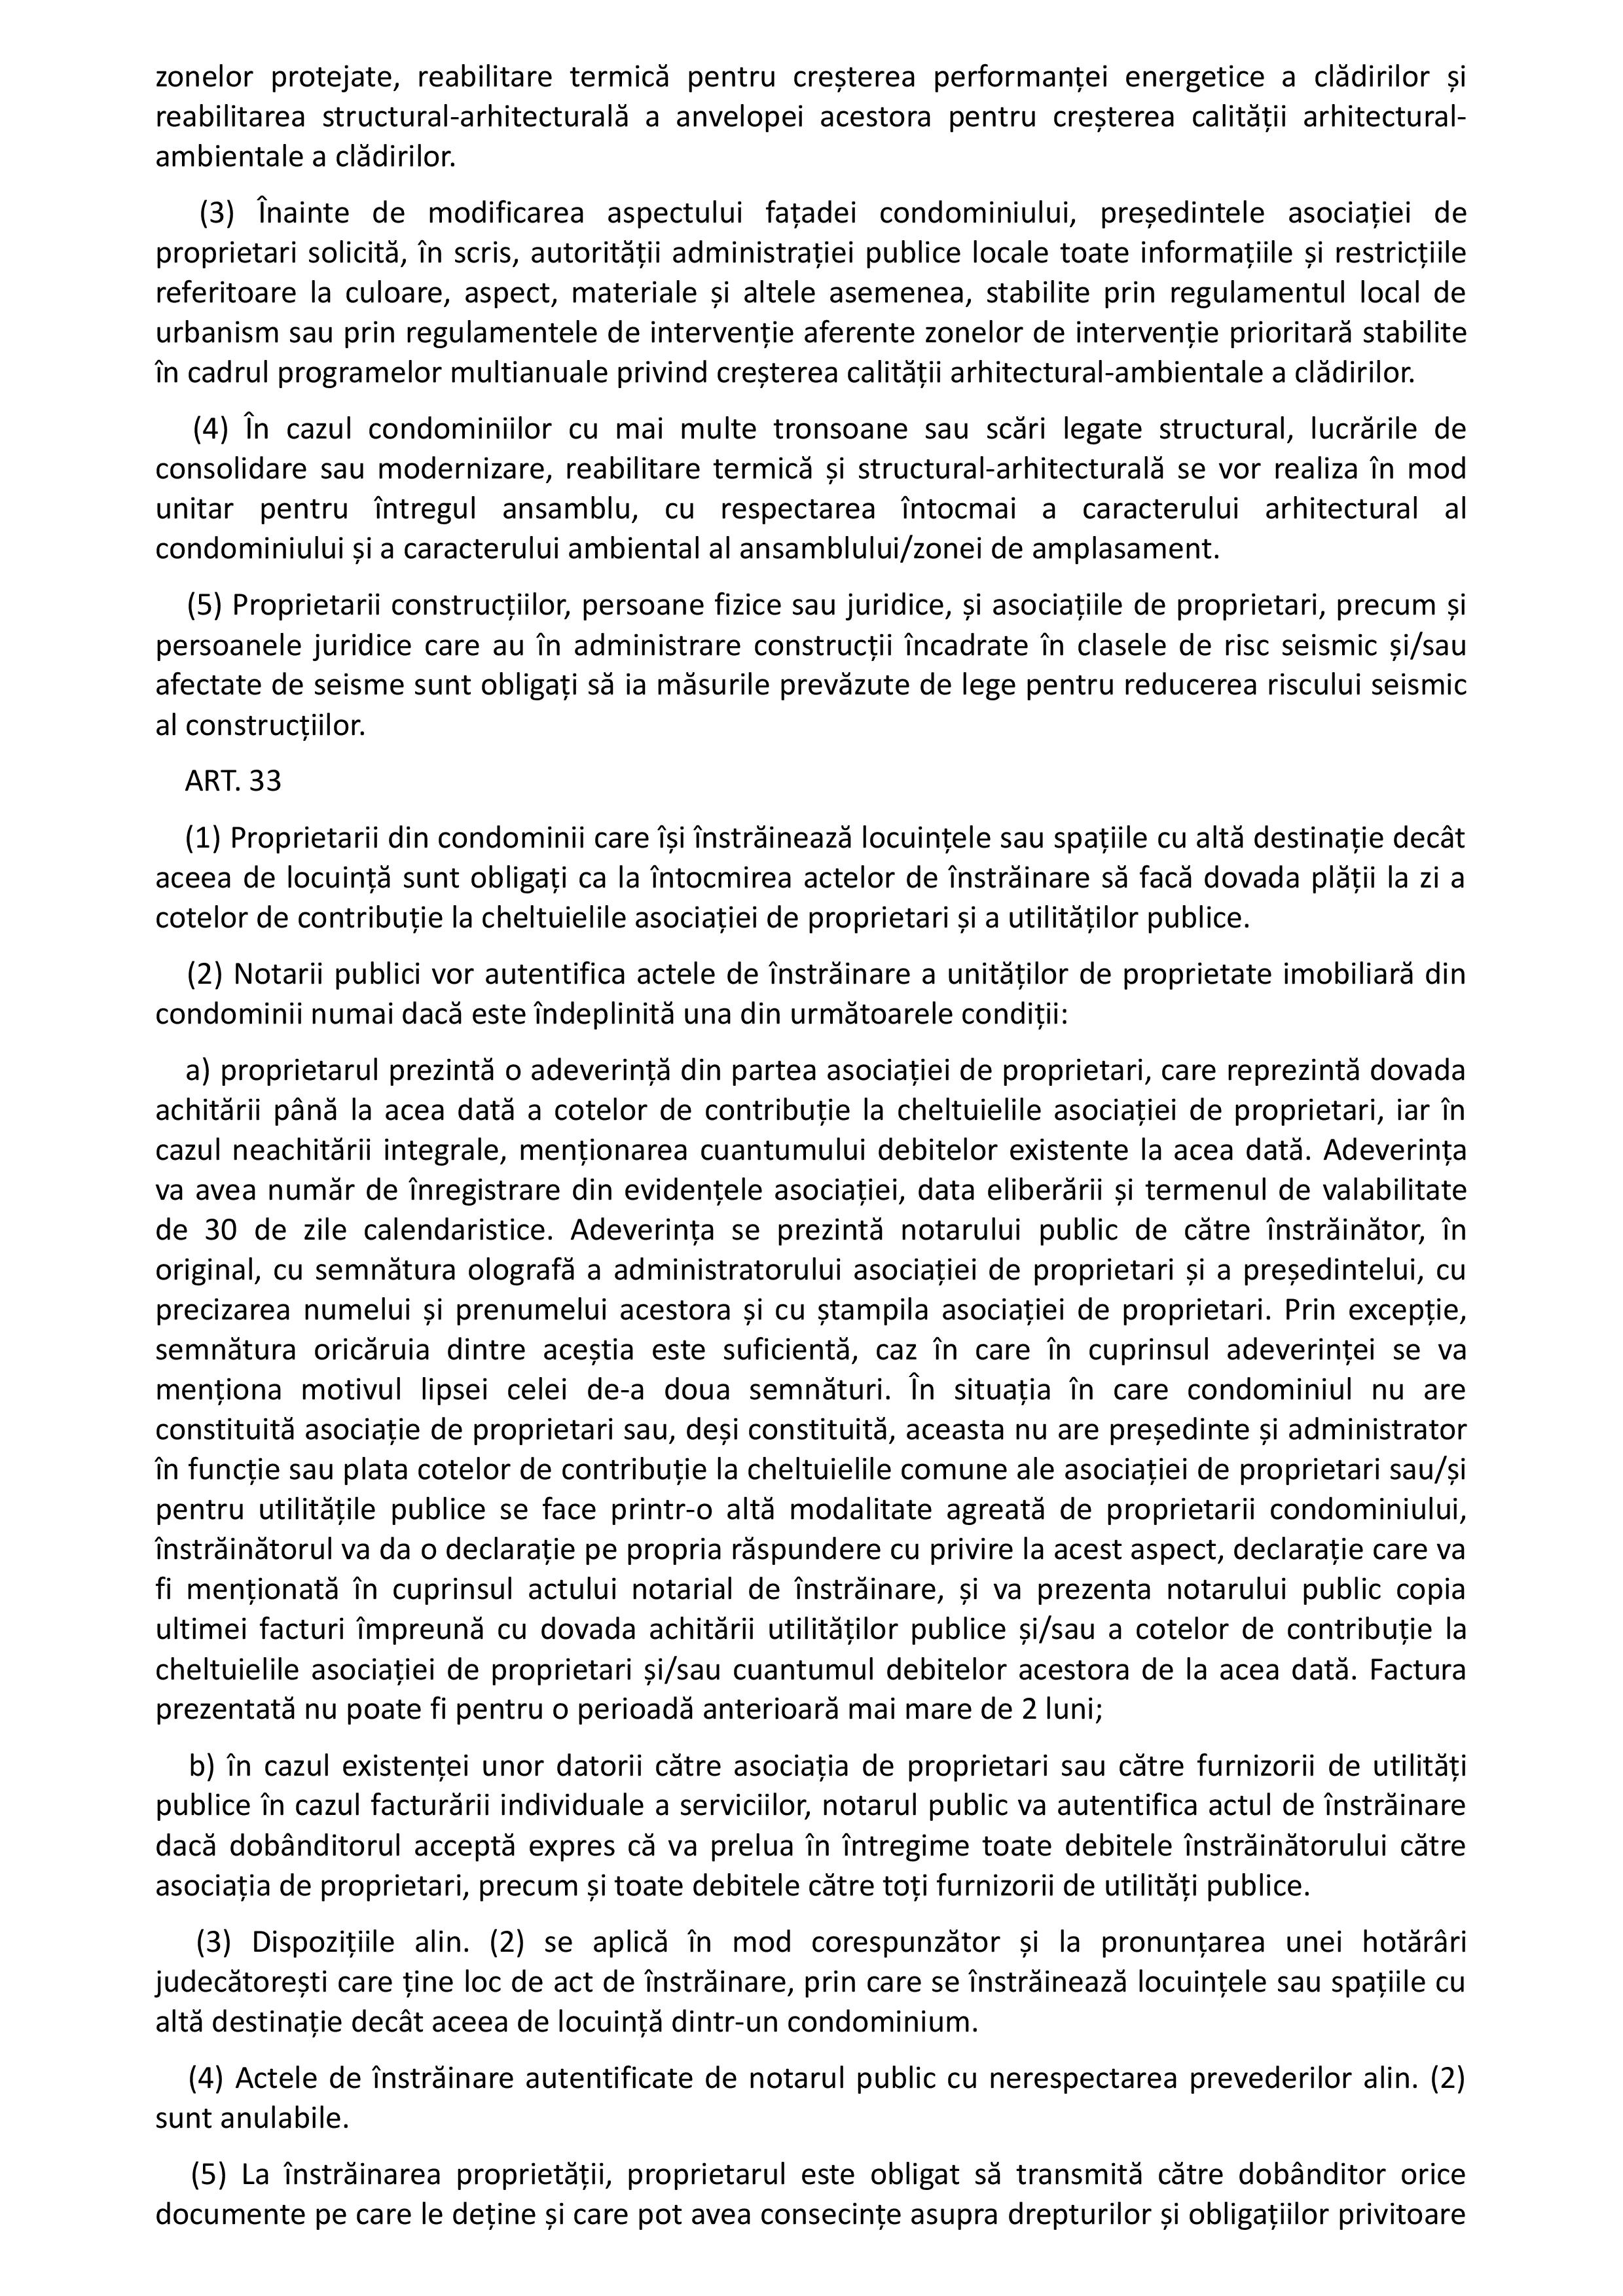 Pagina 12 - LEGE Nr. 196/2018 din 20 iulie 2018 privind înființarea, organizarea și...